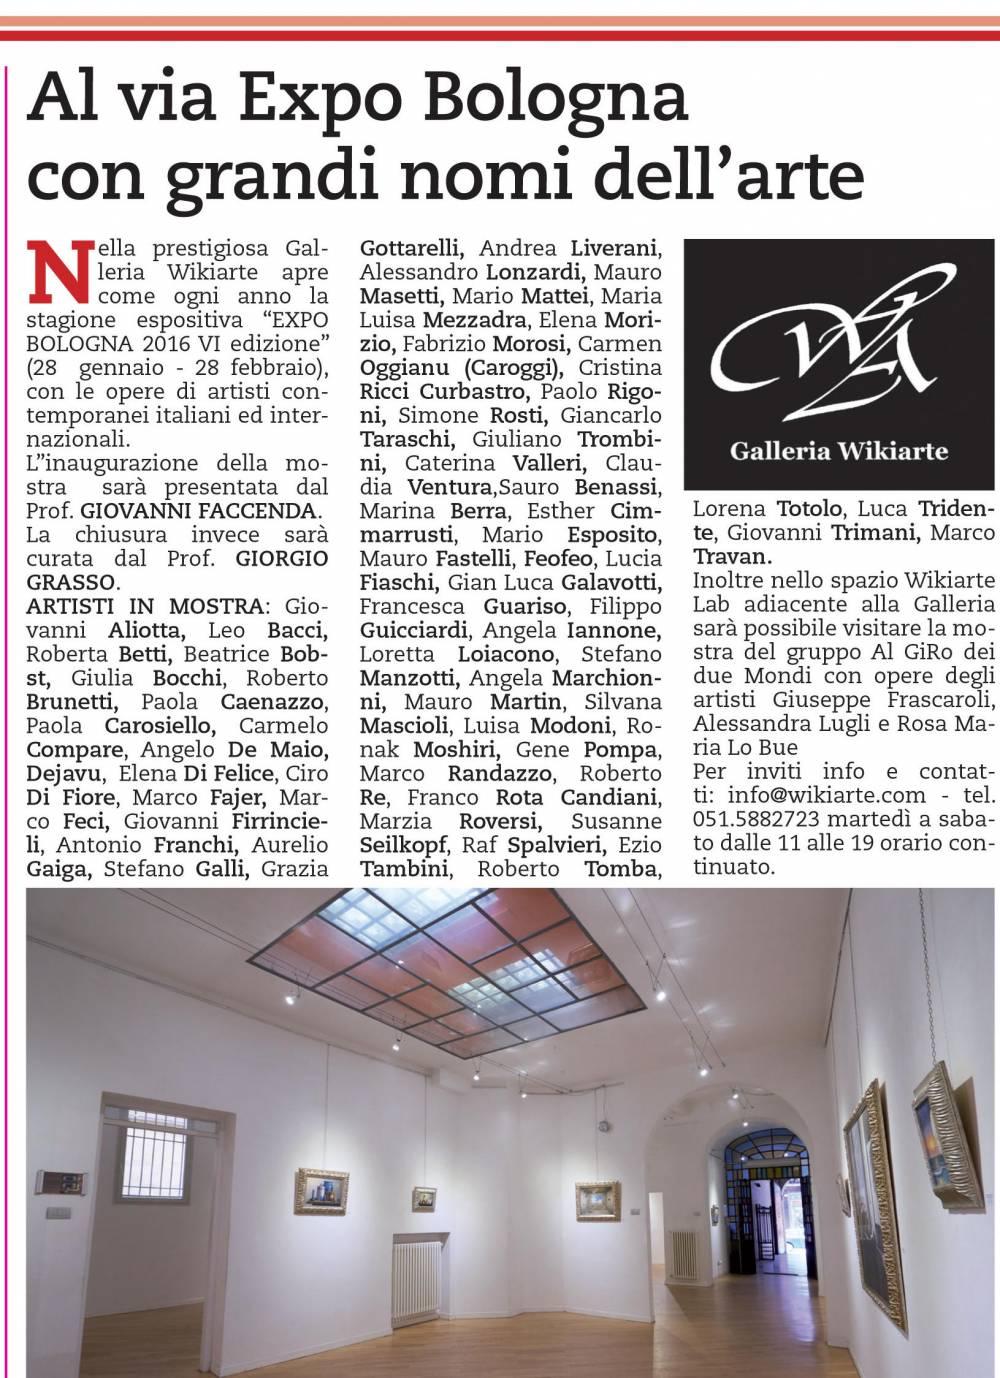 2 ° ARTICOLO di REPUBBLICA per Expo Bologna 29016